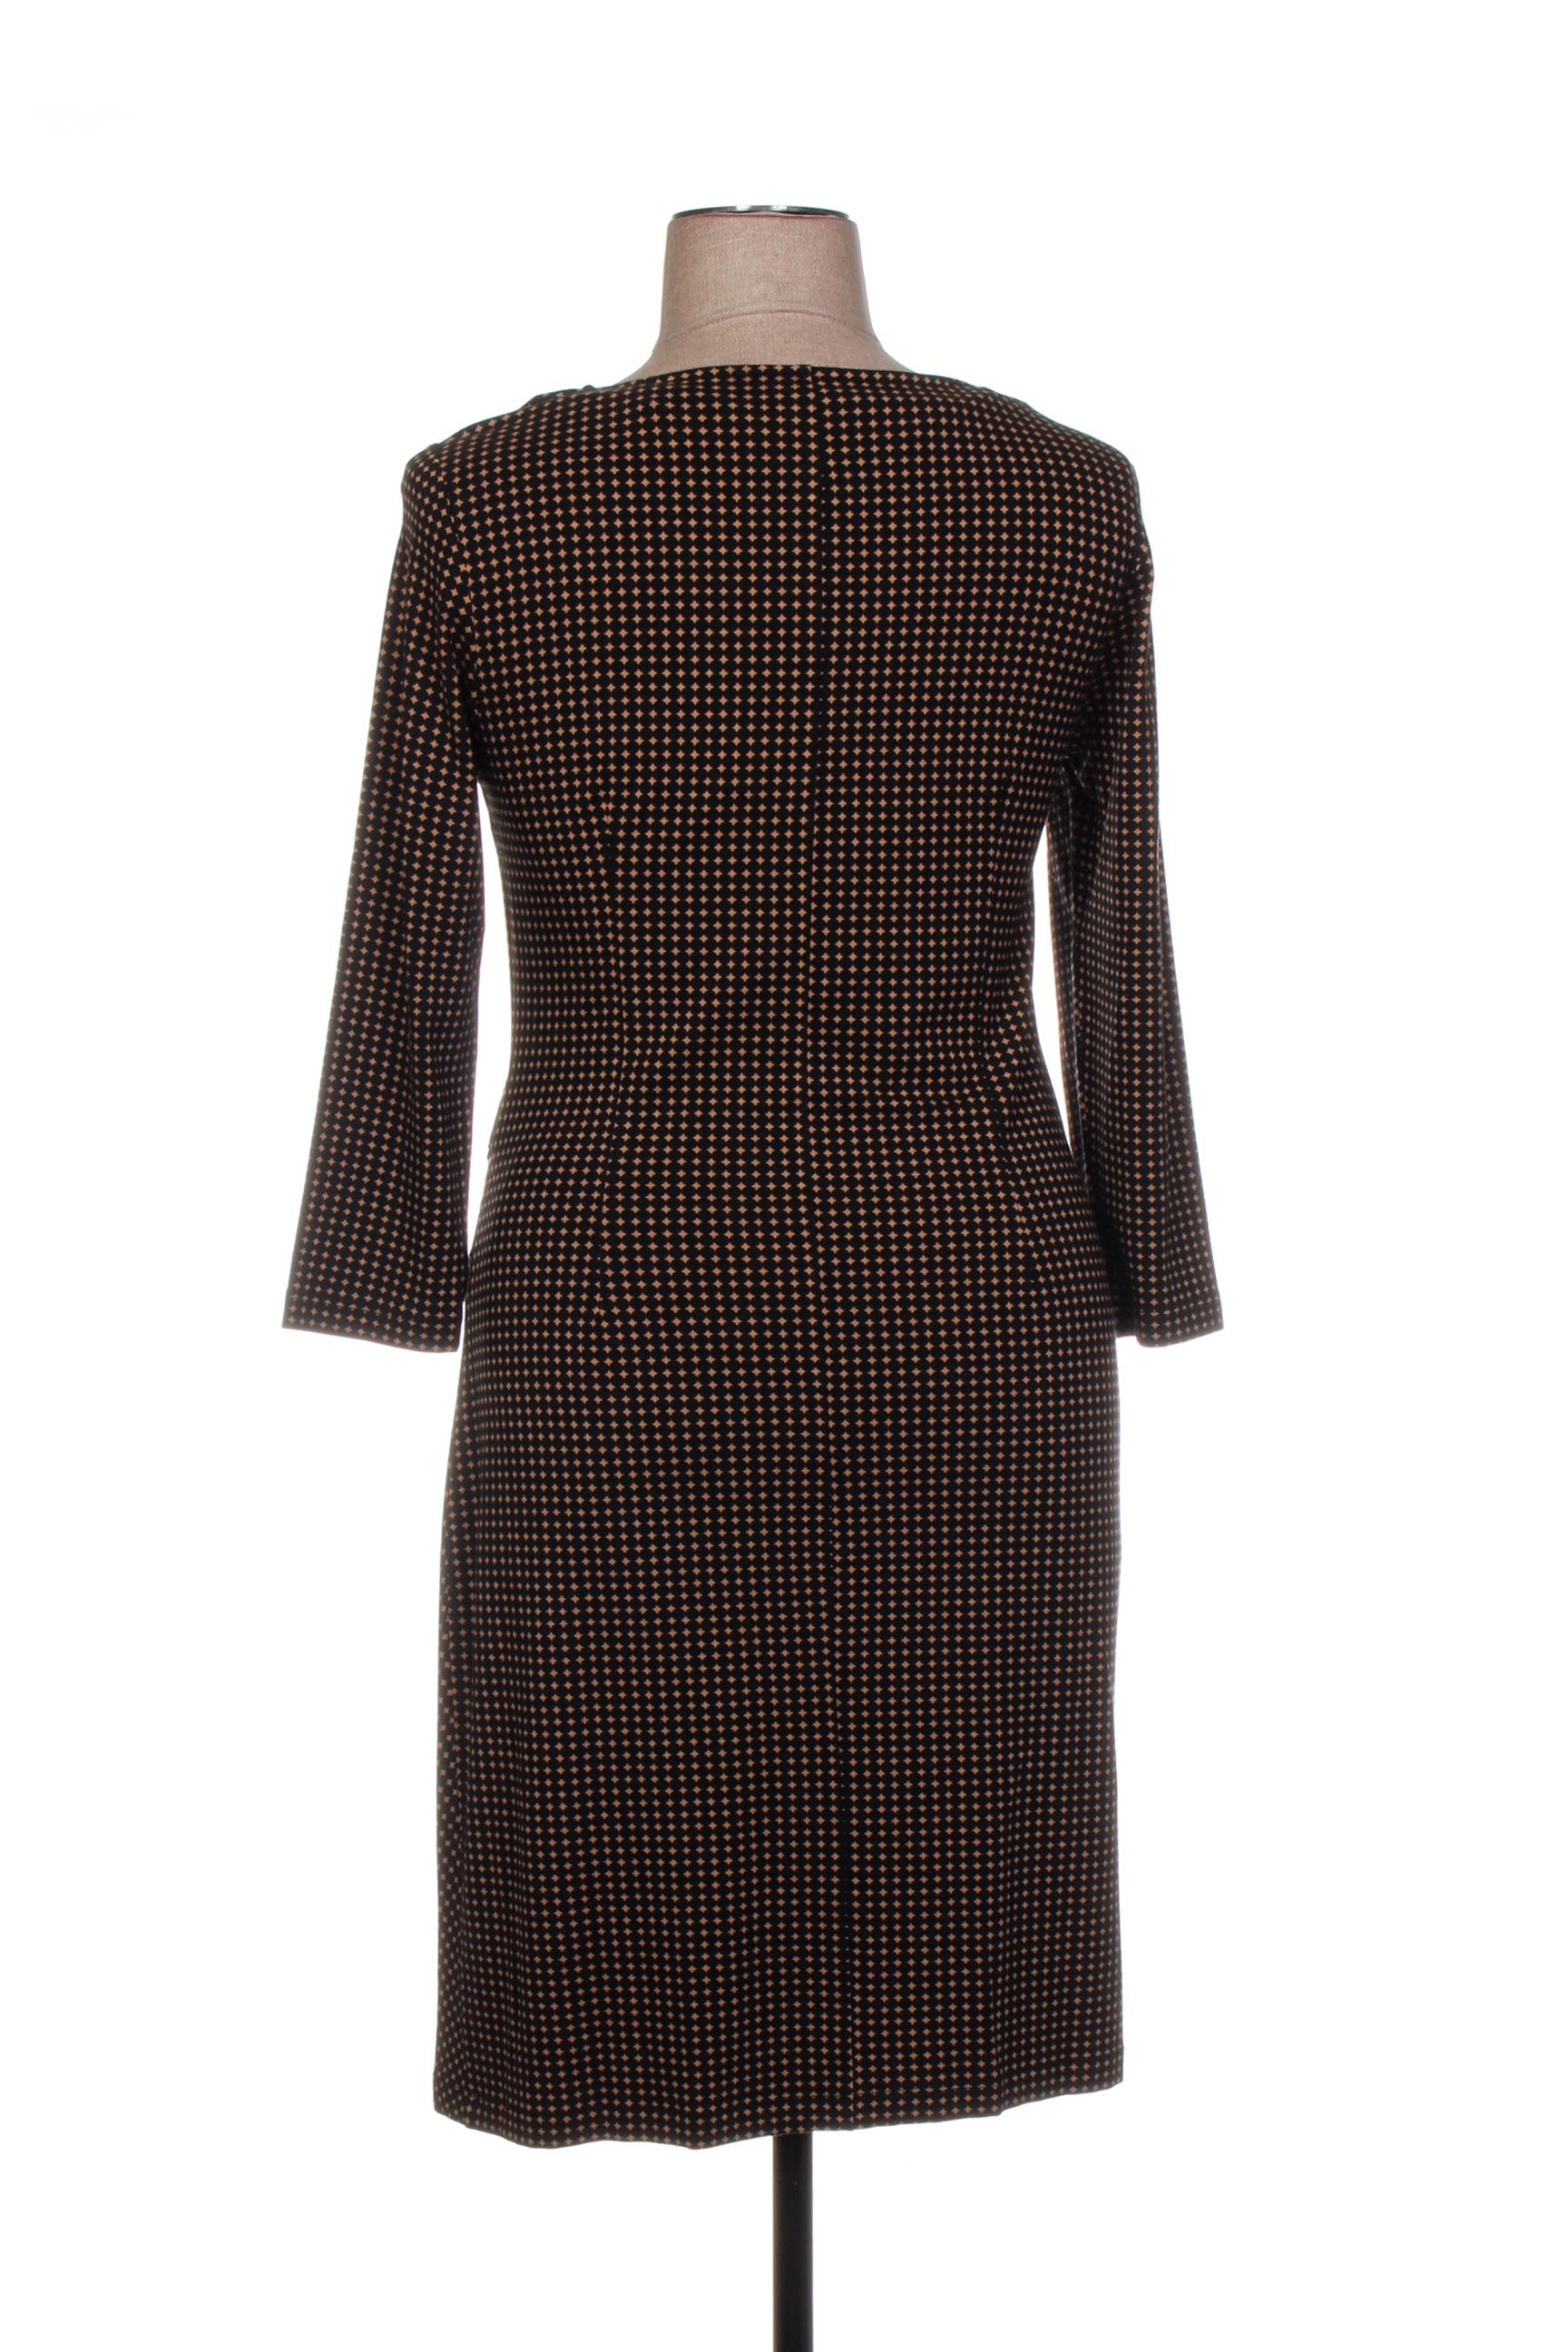 Devernois Robes Mi Longues Femme De Couleur Noir En Soldes Pas Cher 1436815-noir00